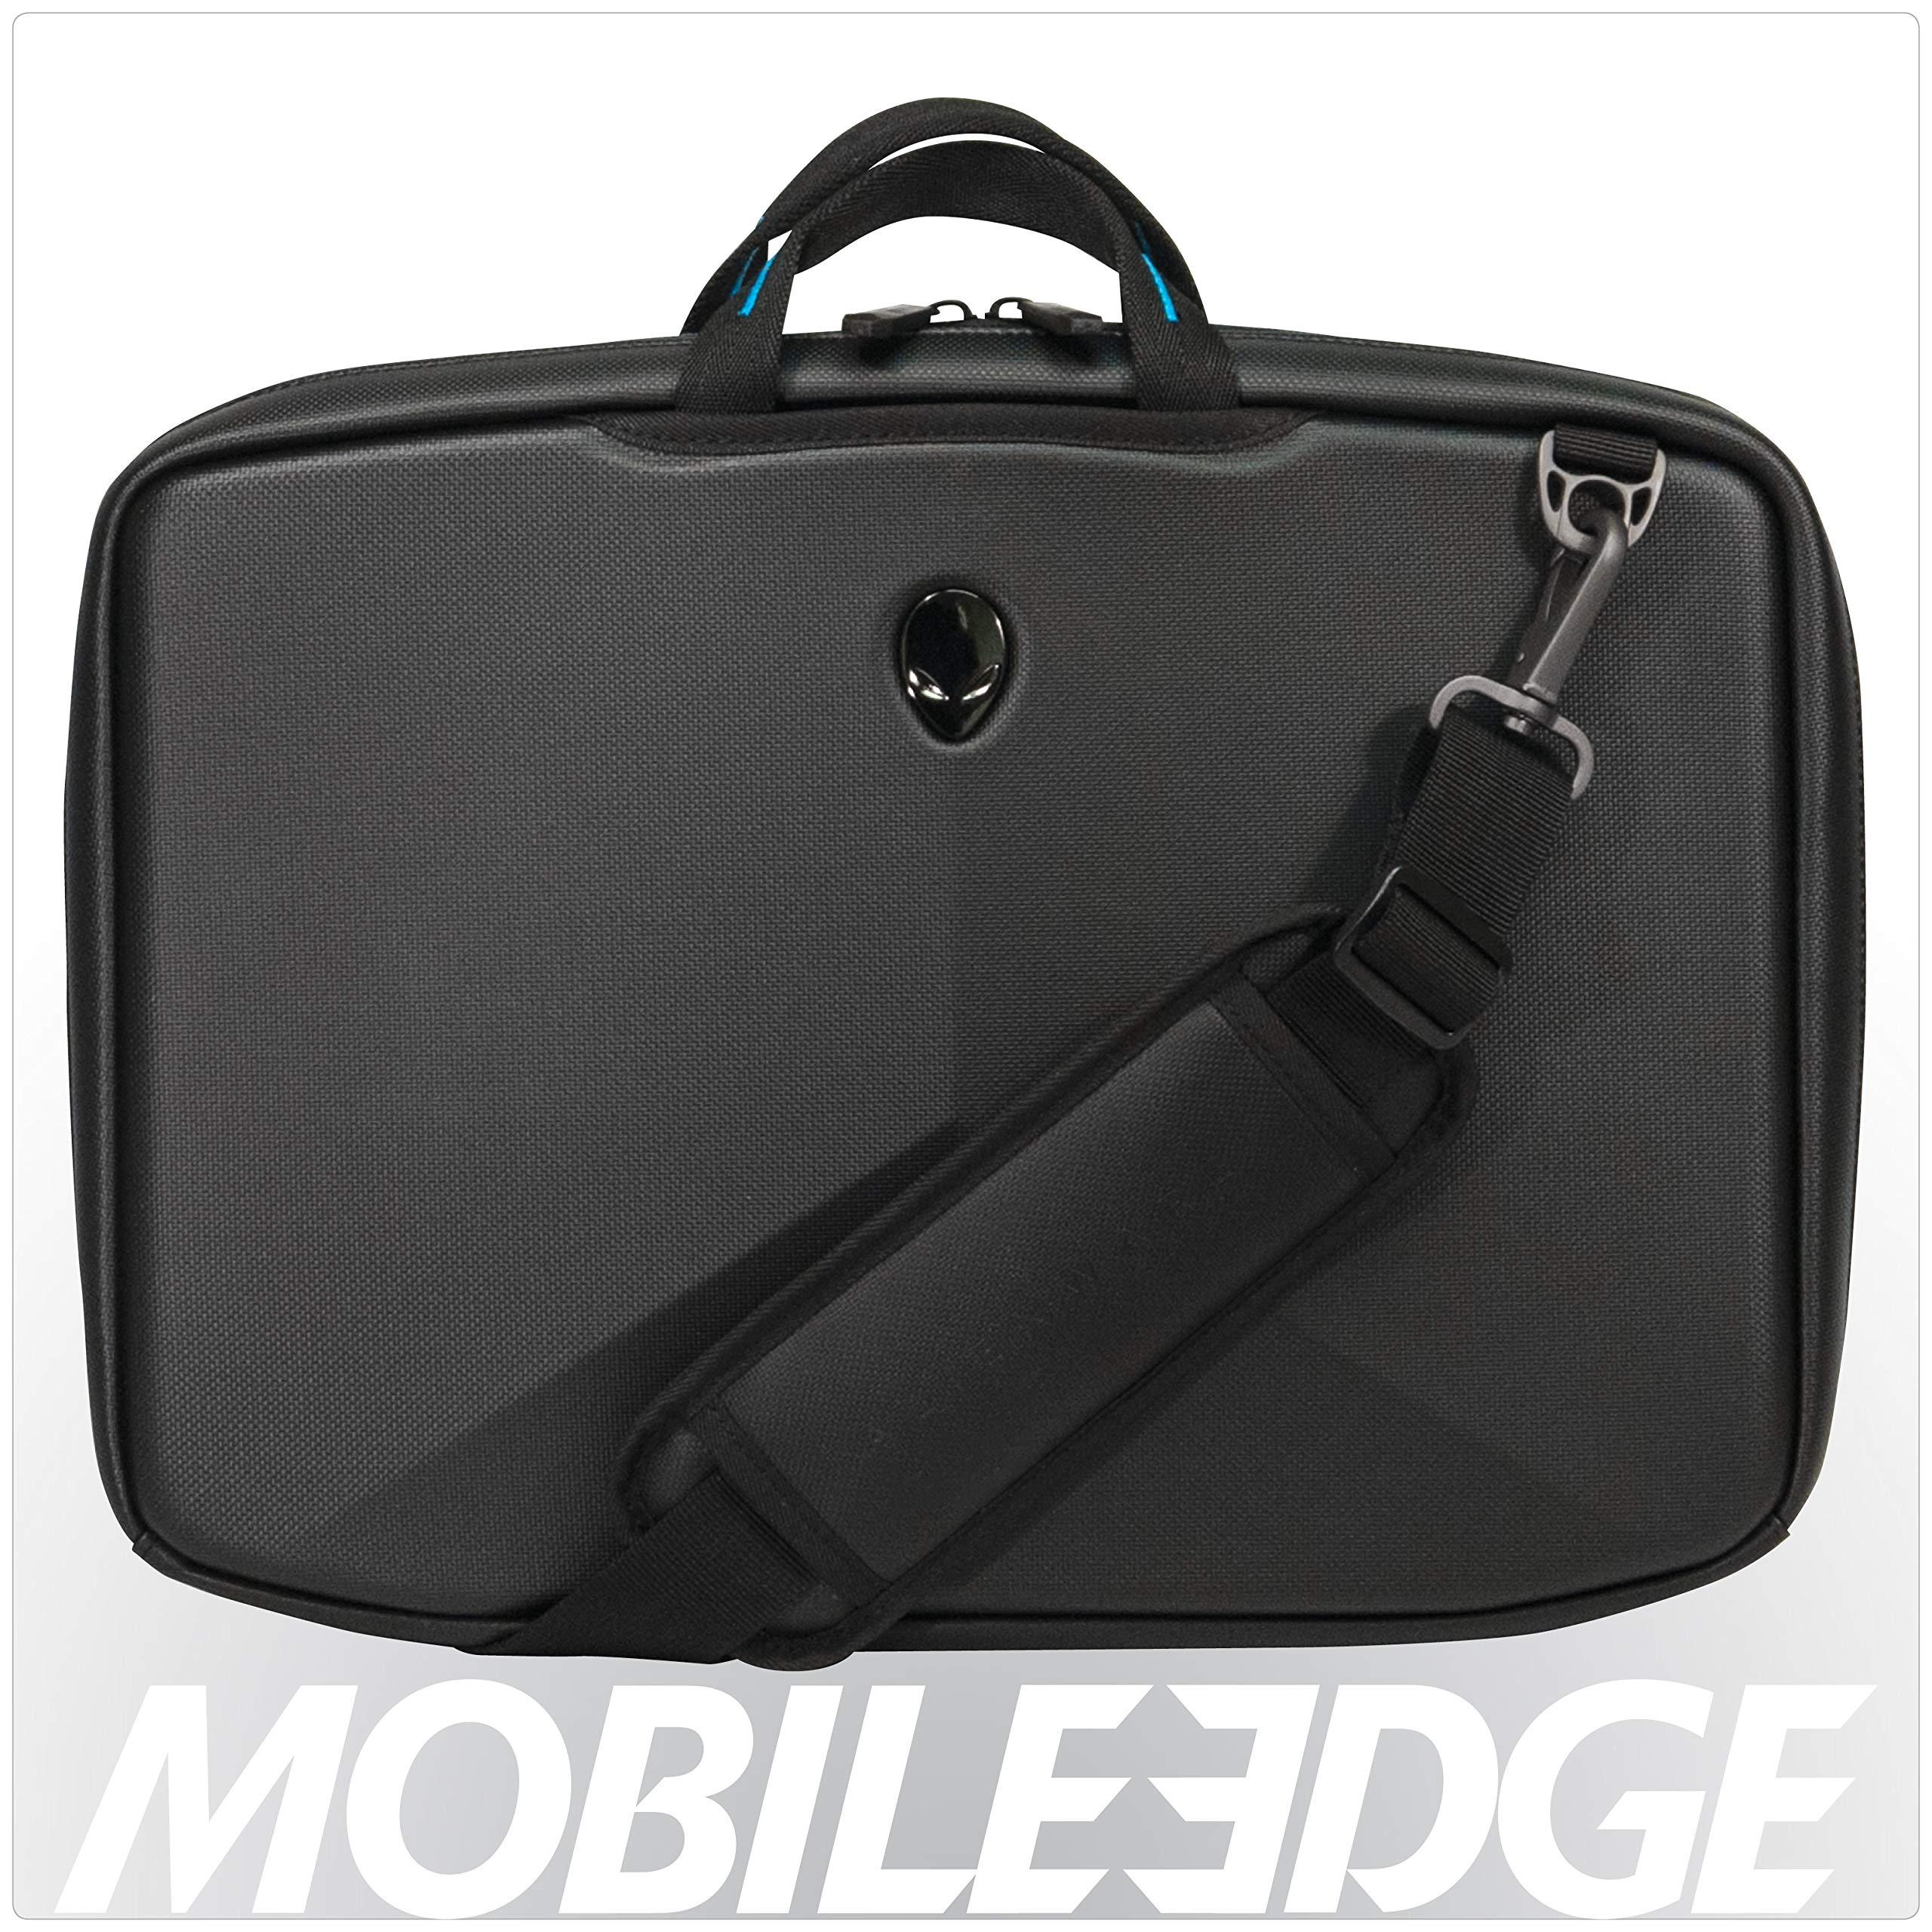 Mobile Edge AWV17SC2.0 Alienware Vindicator Slim Carrying Case 17'' V2.0 by Mobile Edge (Image #1)